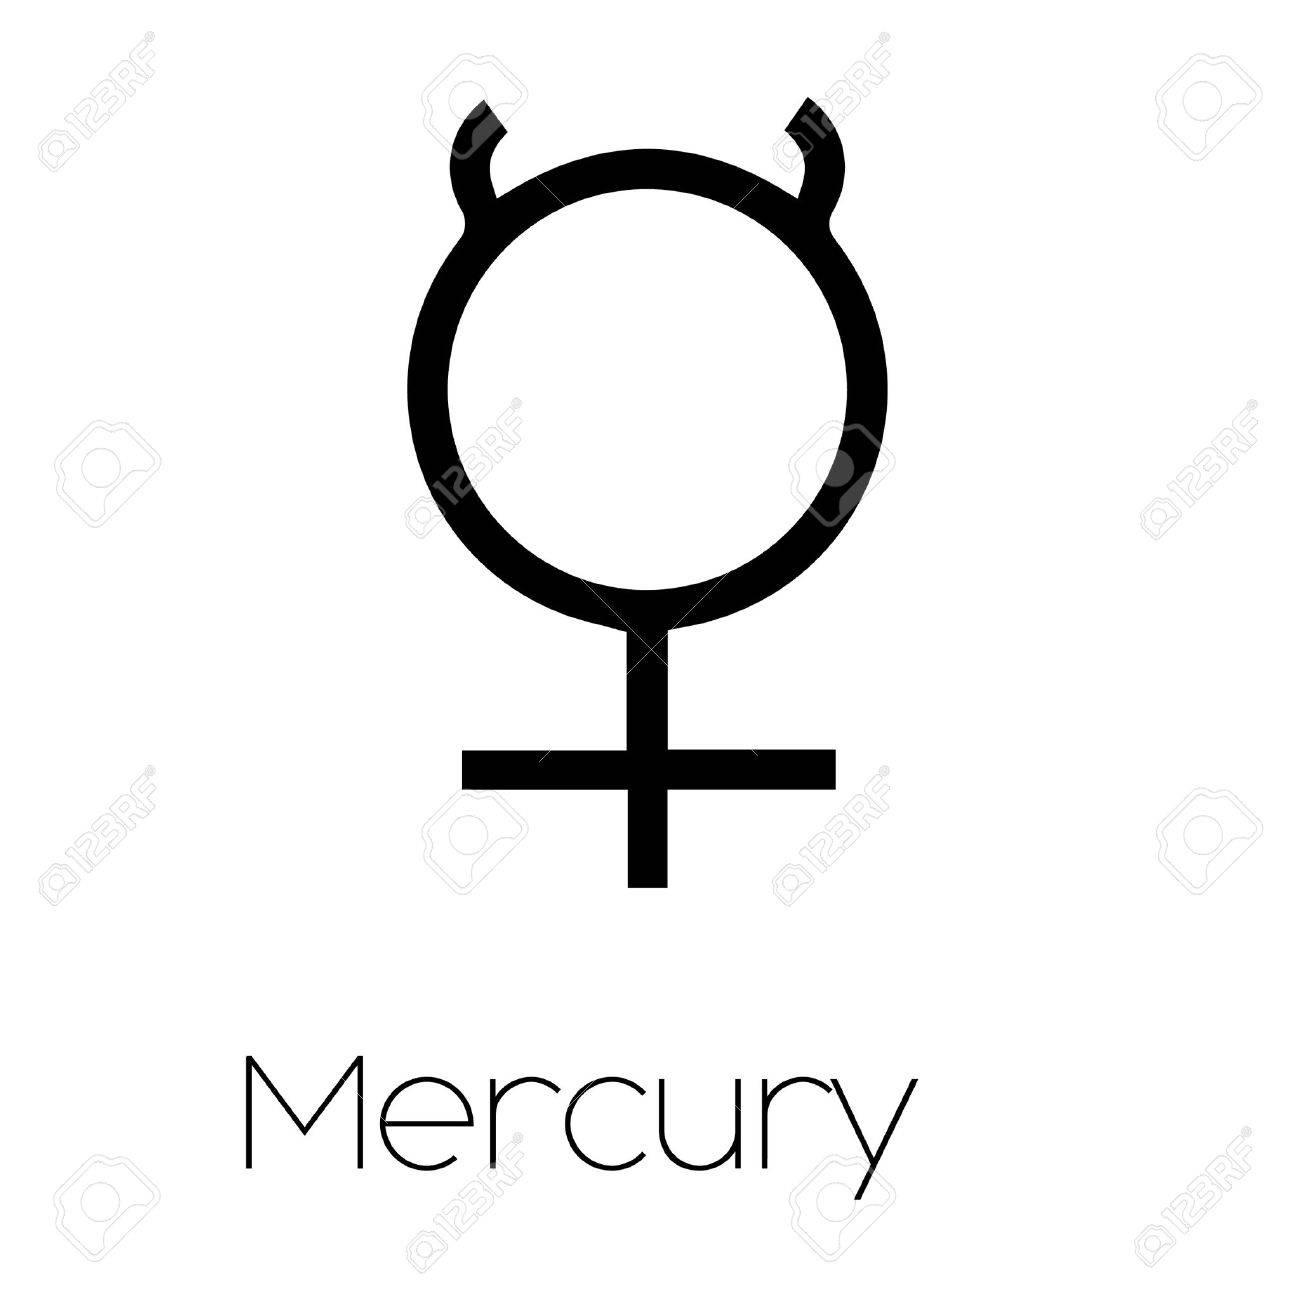 Smbolos Planet Ilustrados Mercury Fotos Retratos Imgenes Y